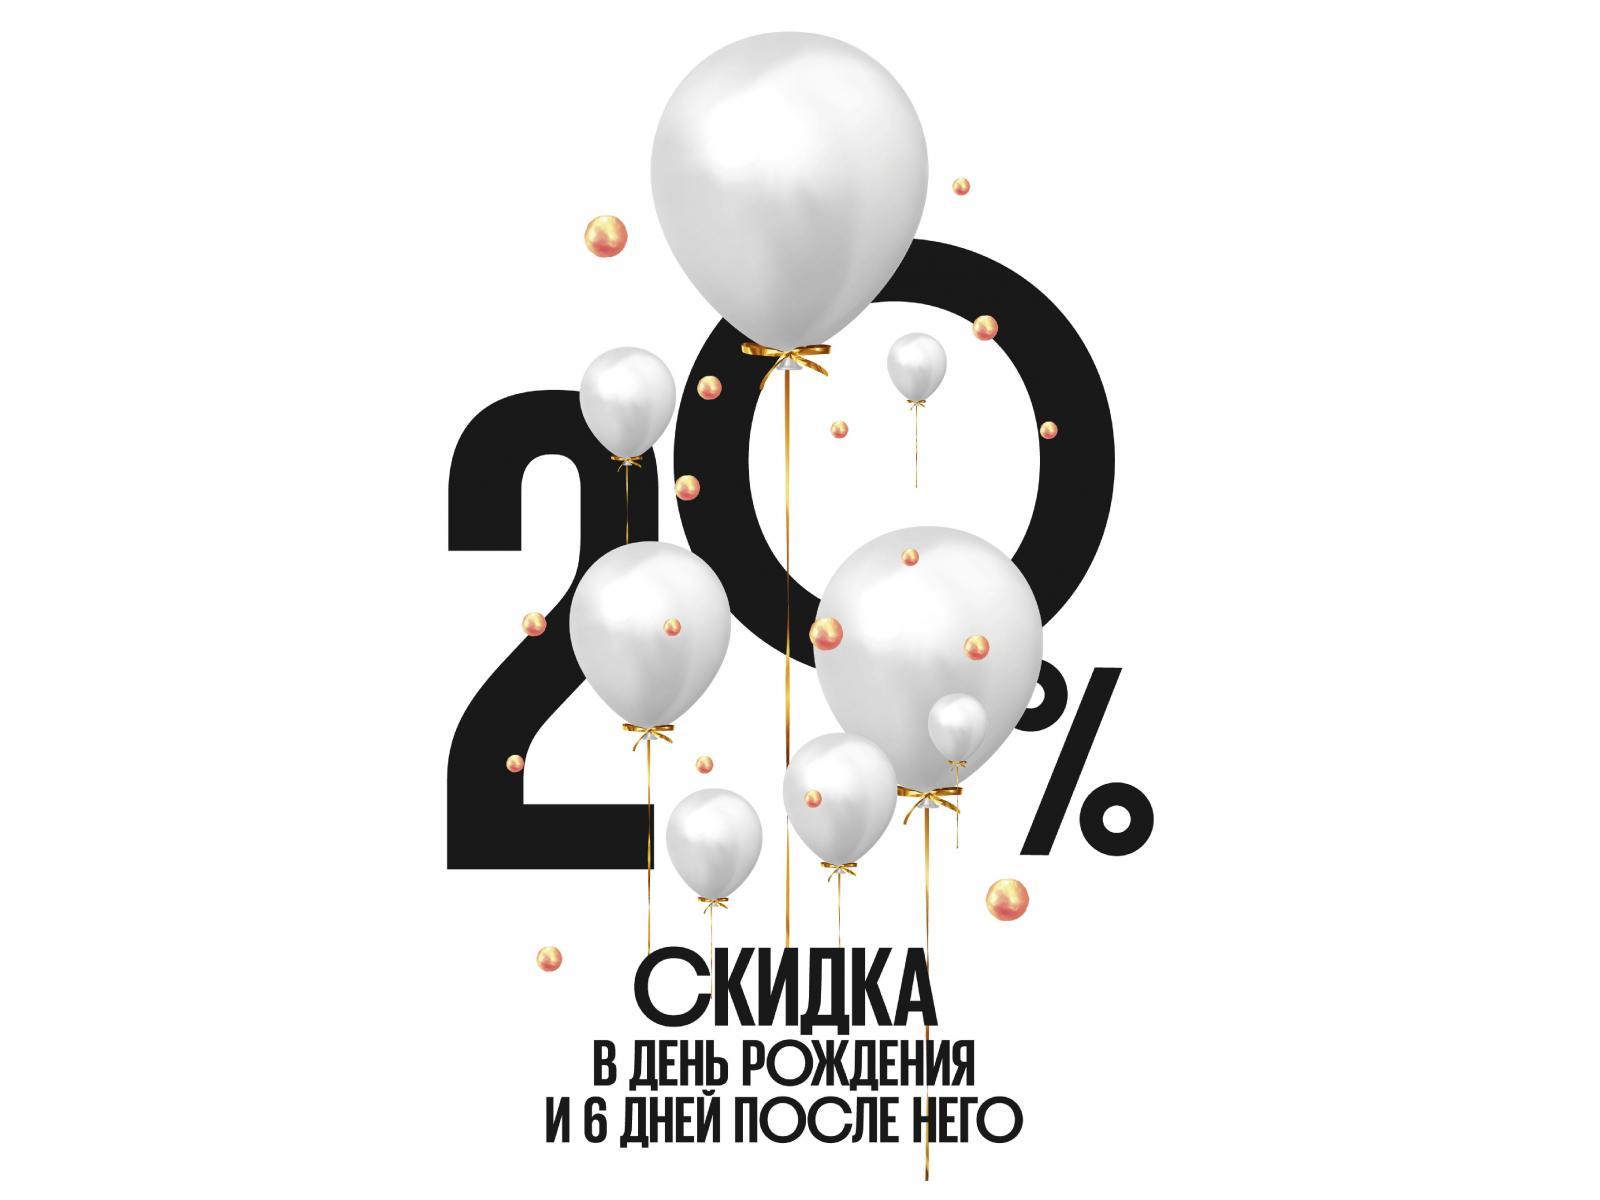 Скидка 20% в день рождения